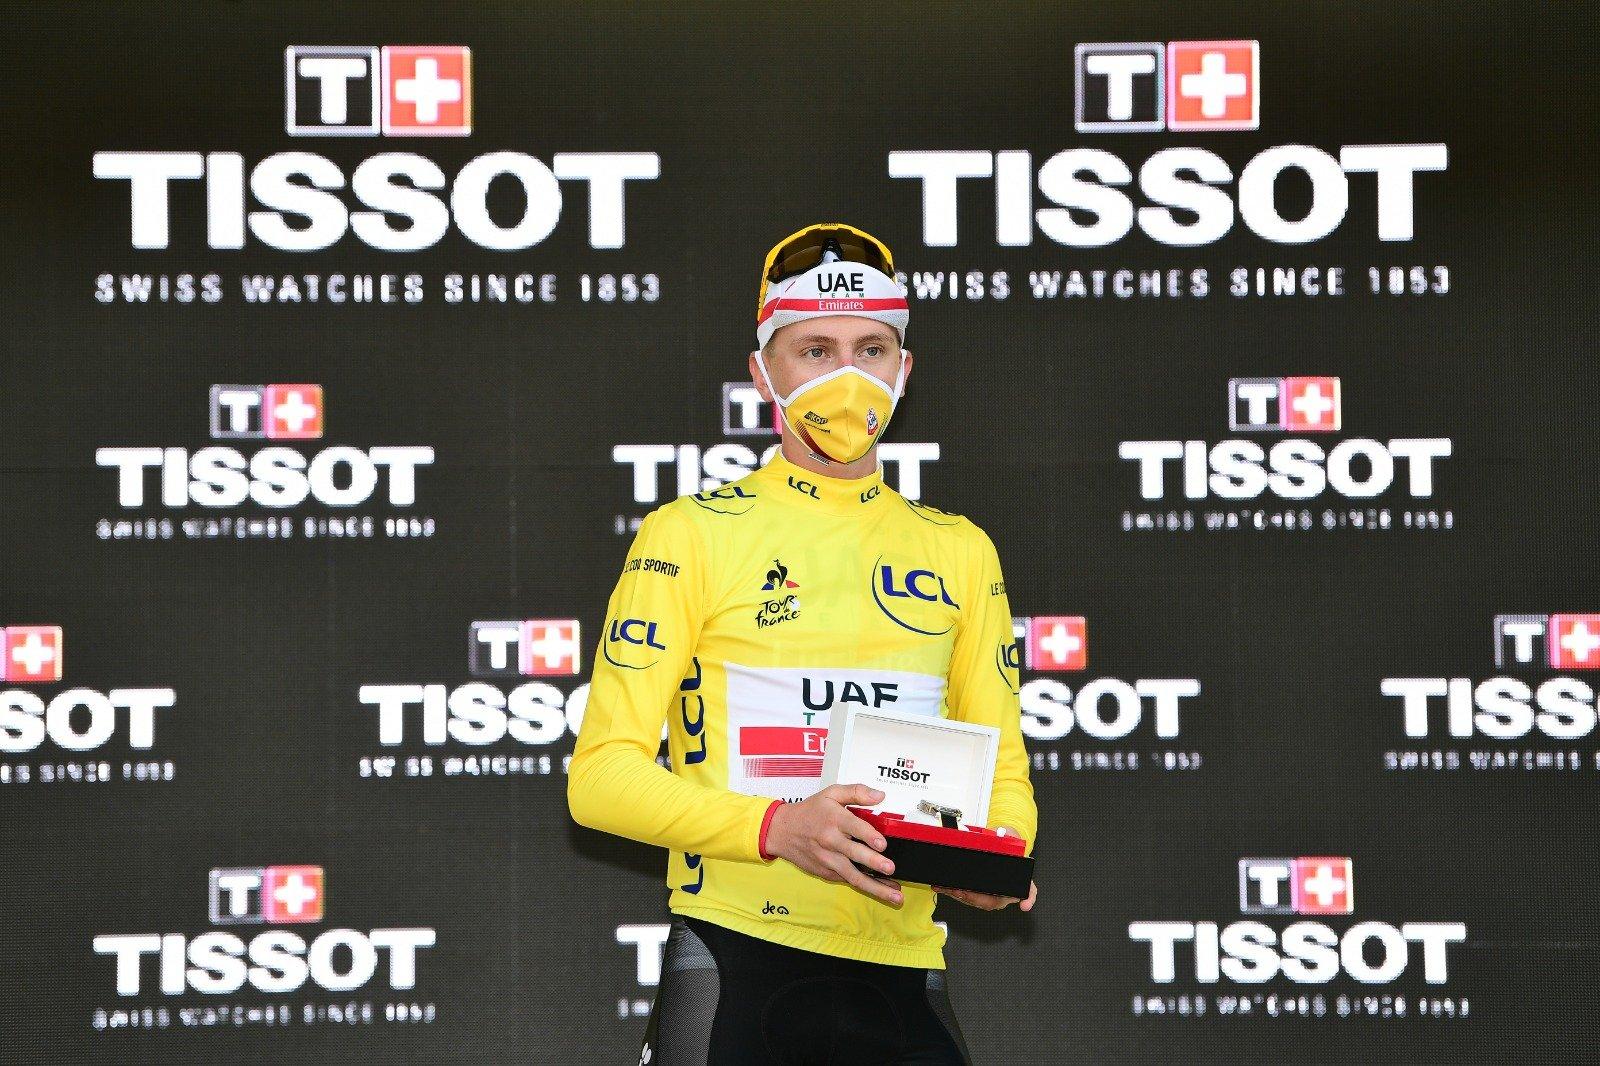 Gesto roglic Pogacar Tour de Francia 2020 ph Tw Tour de Francia col Matxín